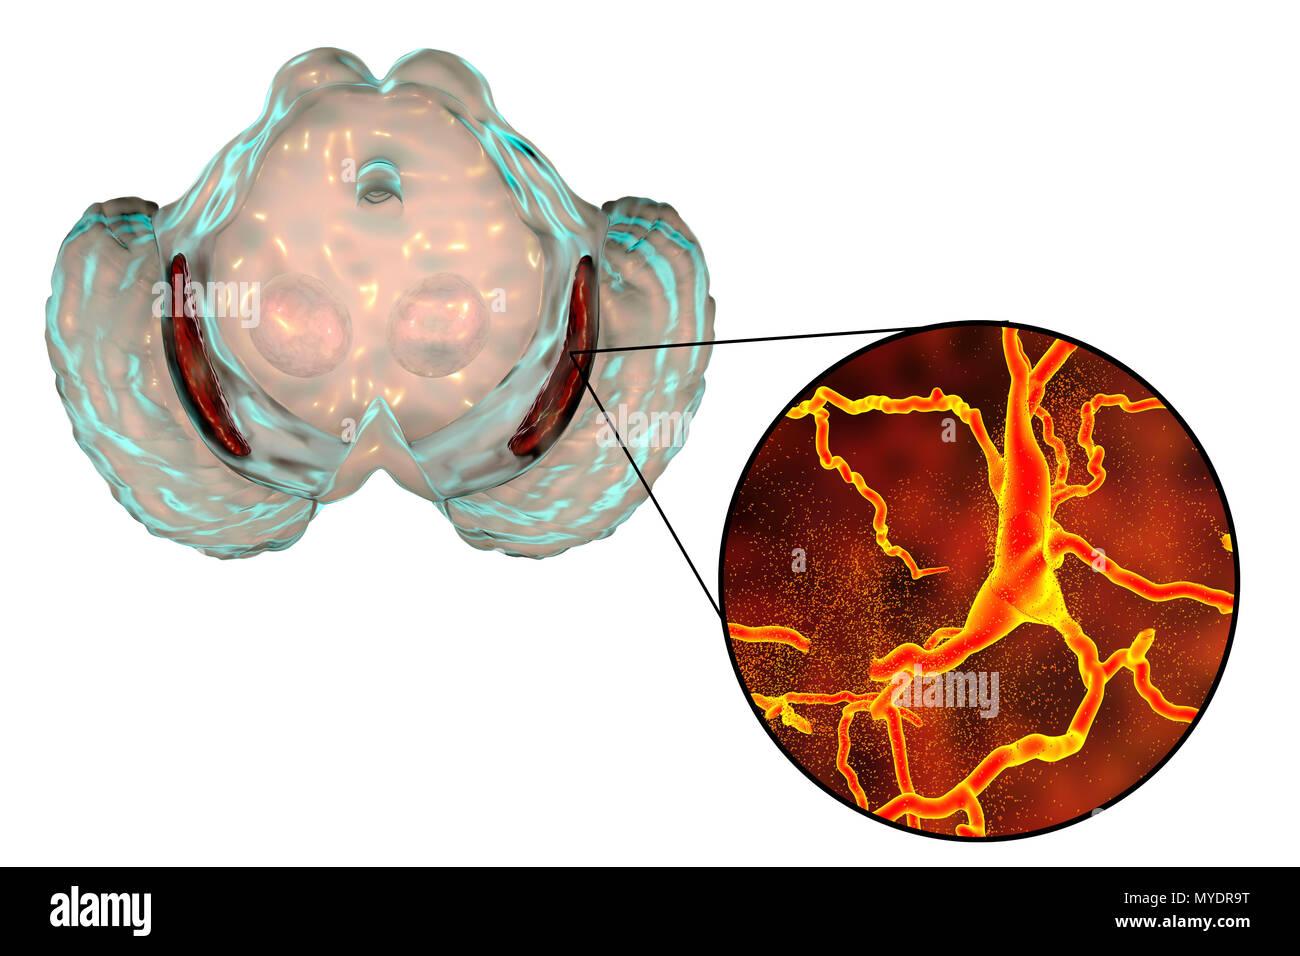 Substantia nigra. Computer zeigt eine Degeneration der Substantia ...